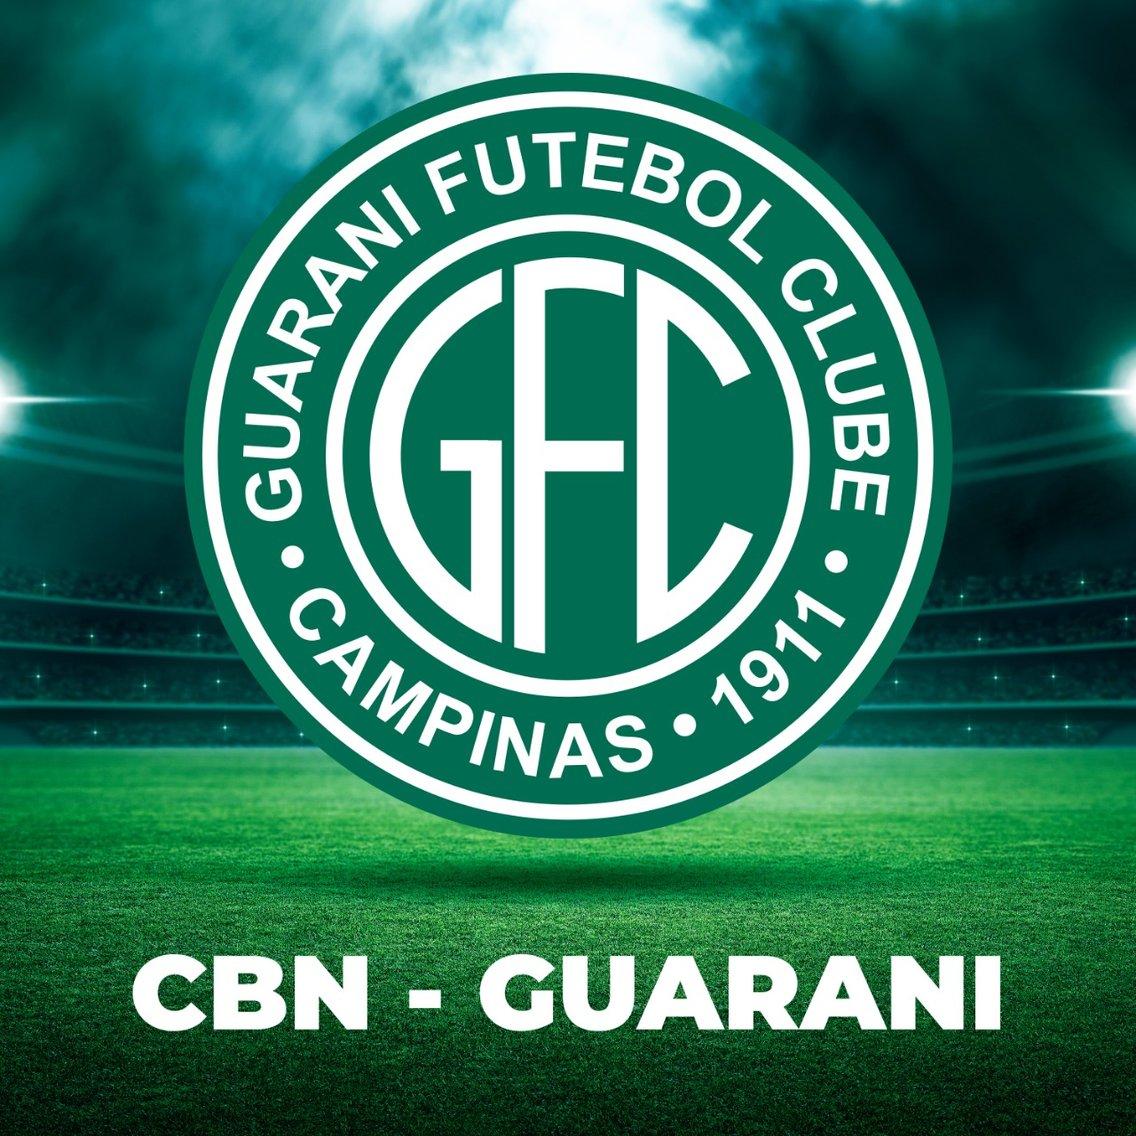 CBN - Guarani - Cover Image